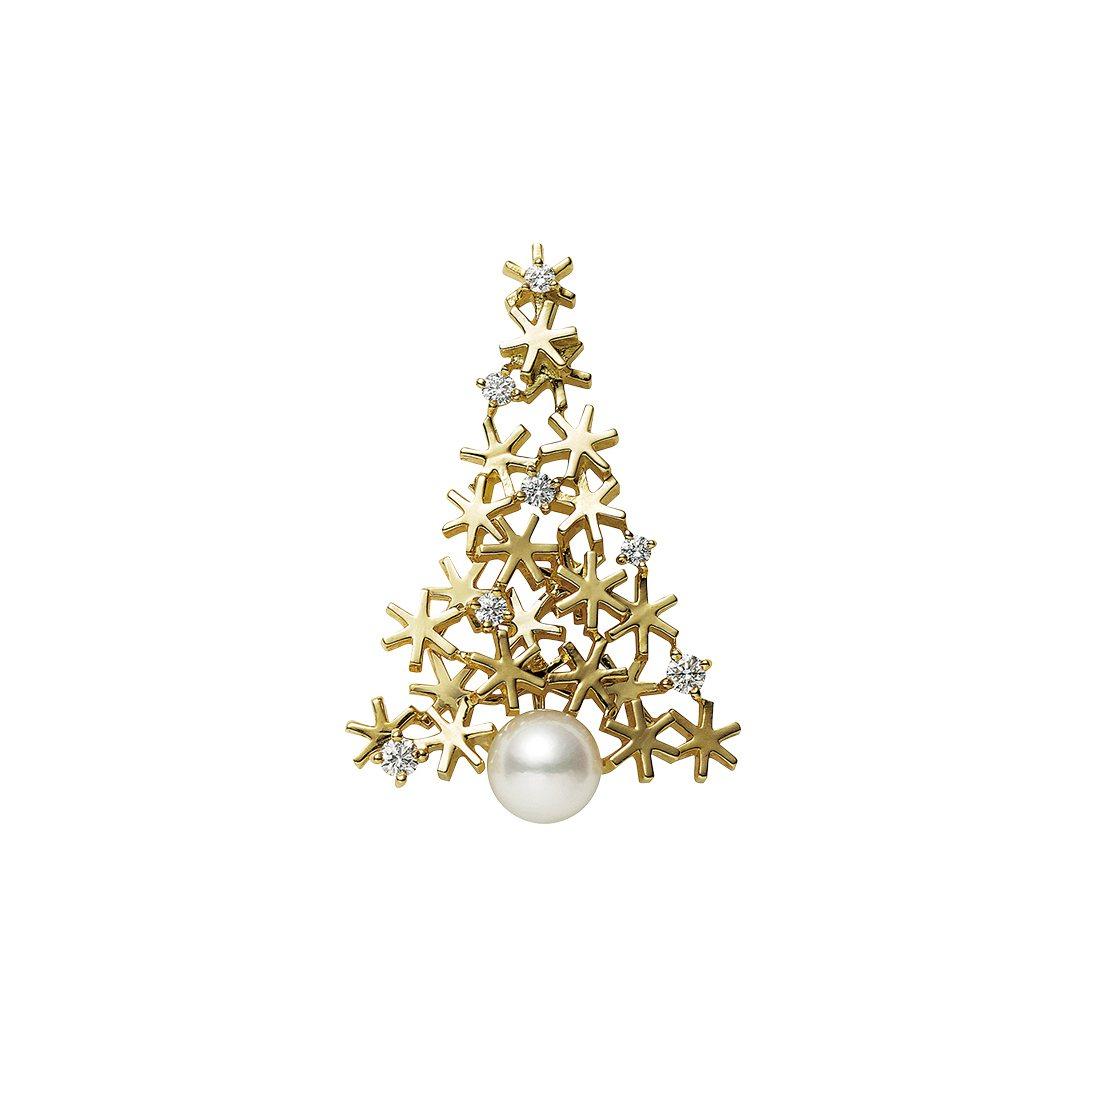 日本Akoya珍珠18K黃金耶誕樹胸針,52,000元,全台限量10件。圖/MI...